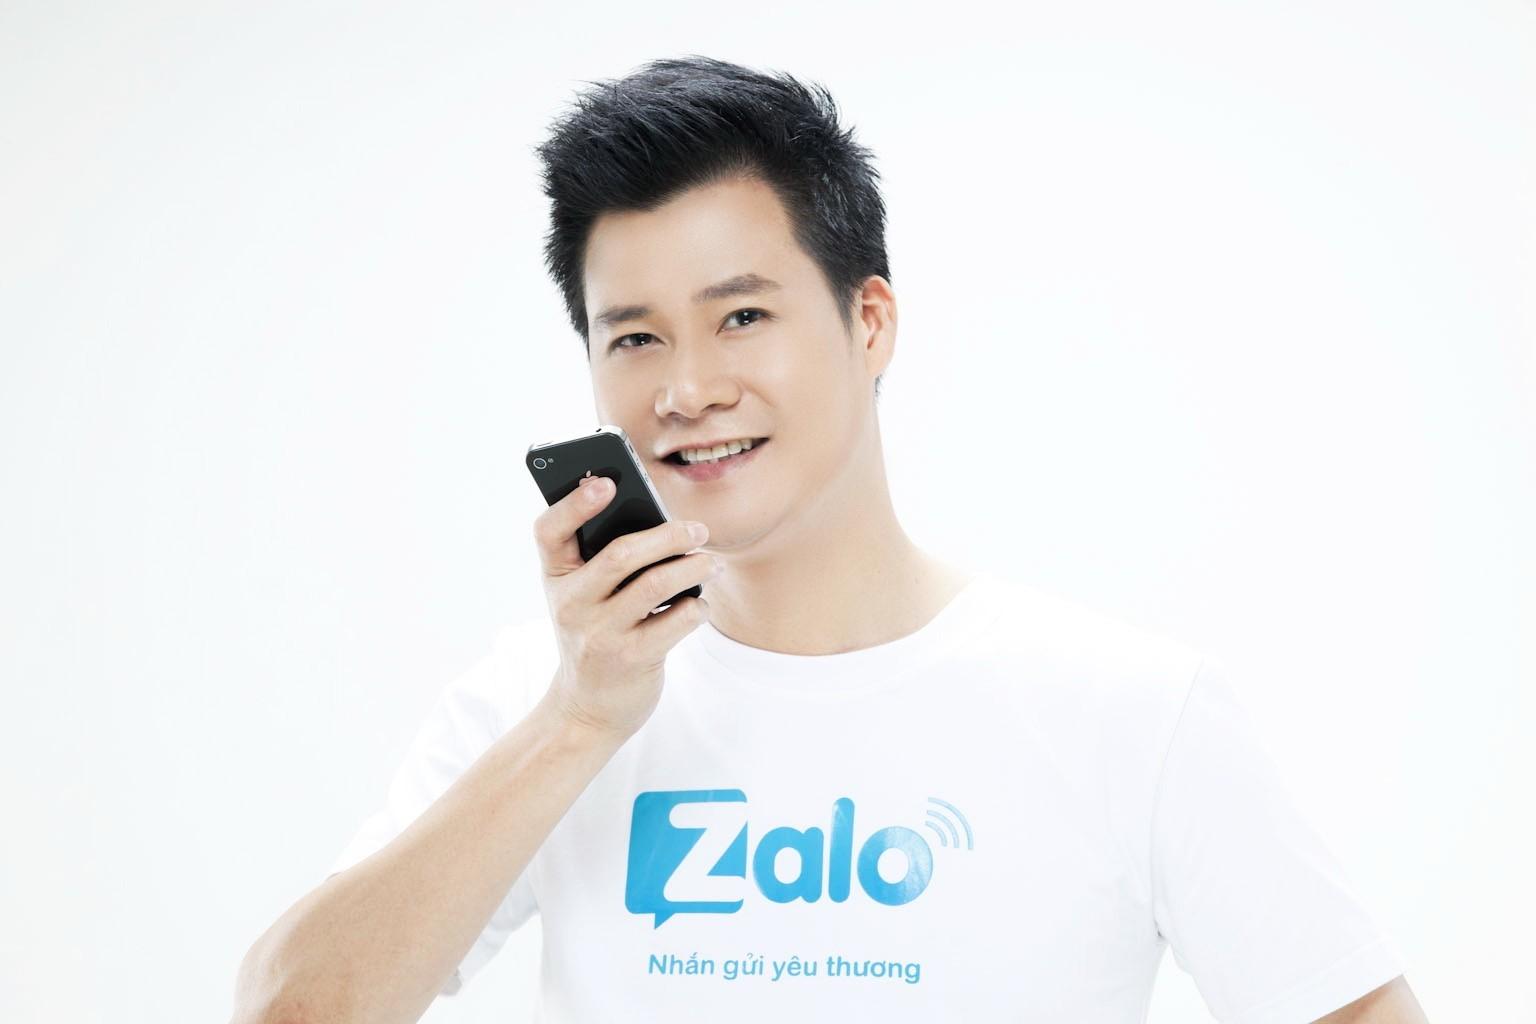 Zalo đã đạt mốc 70 triệu người dùng